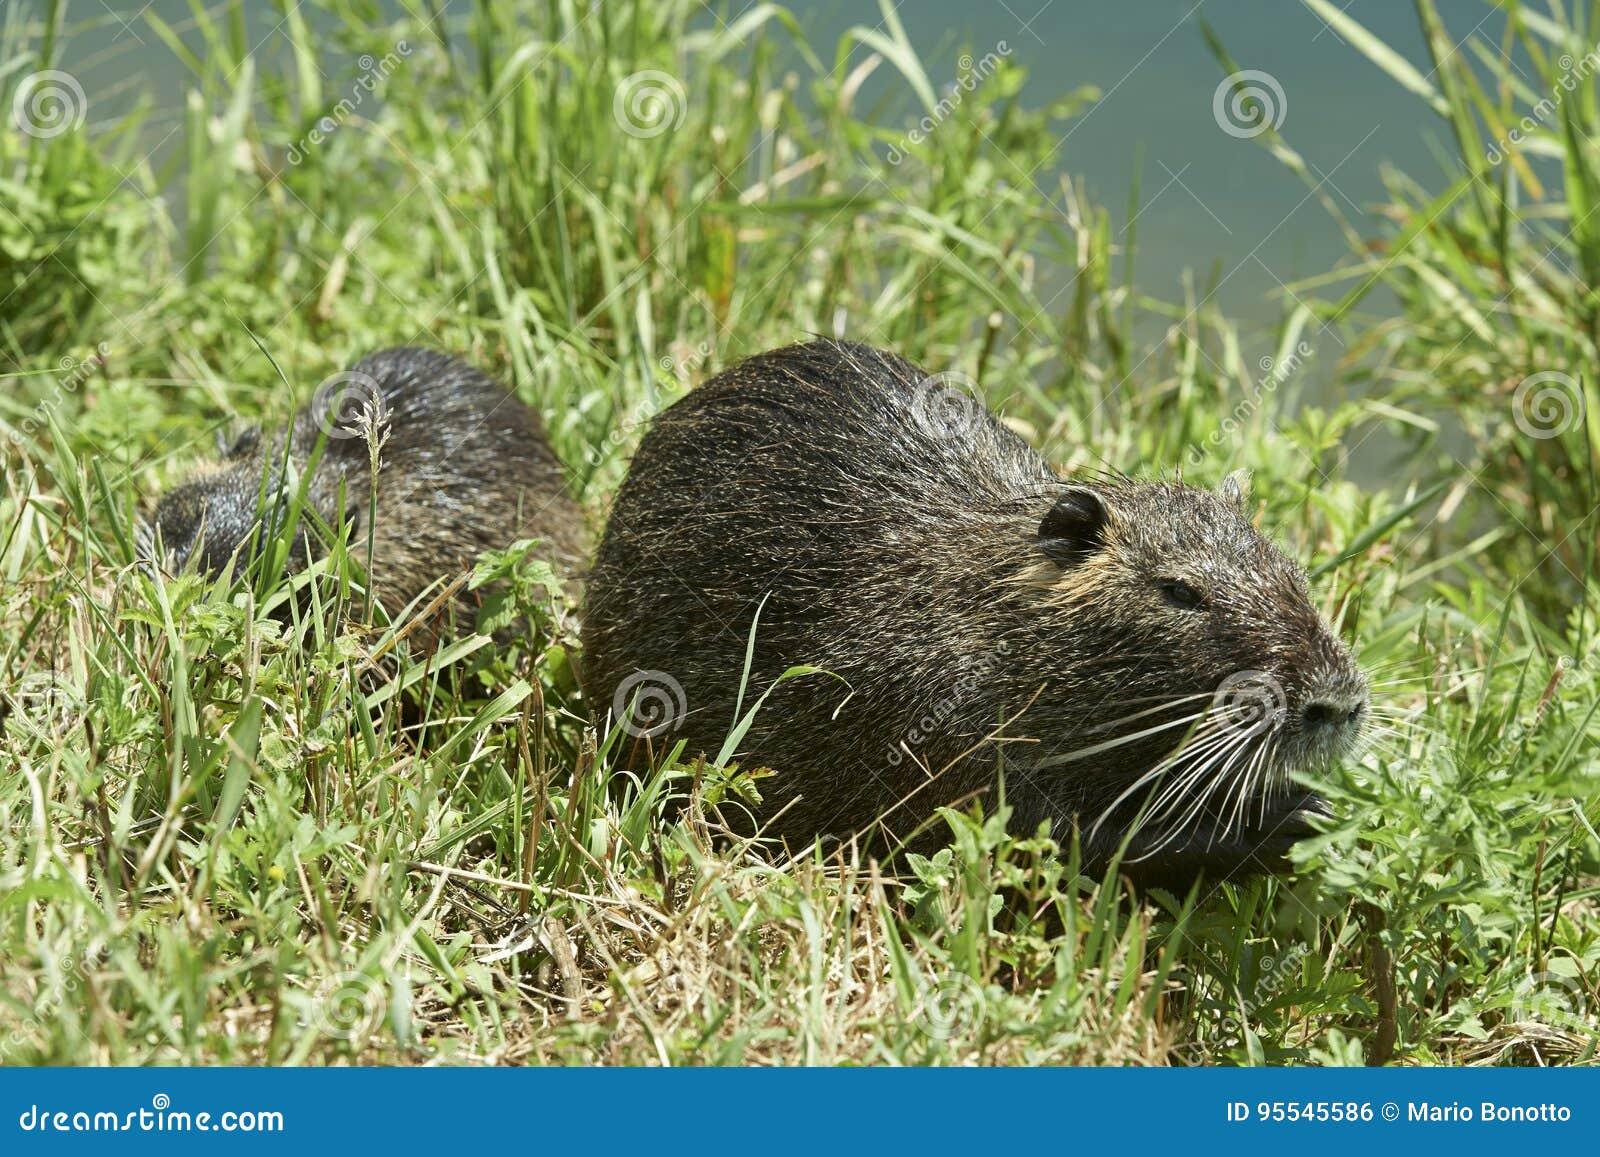 Nutria rats